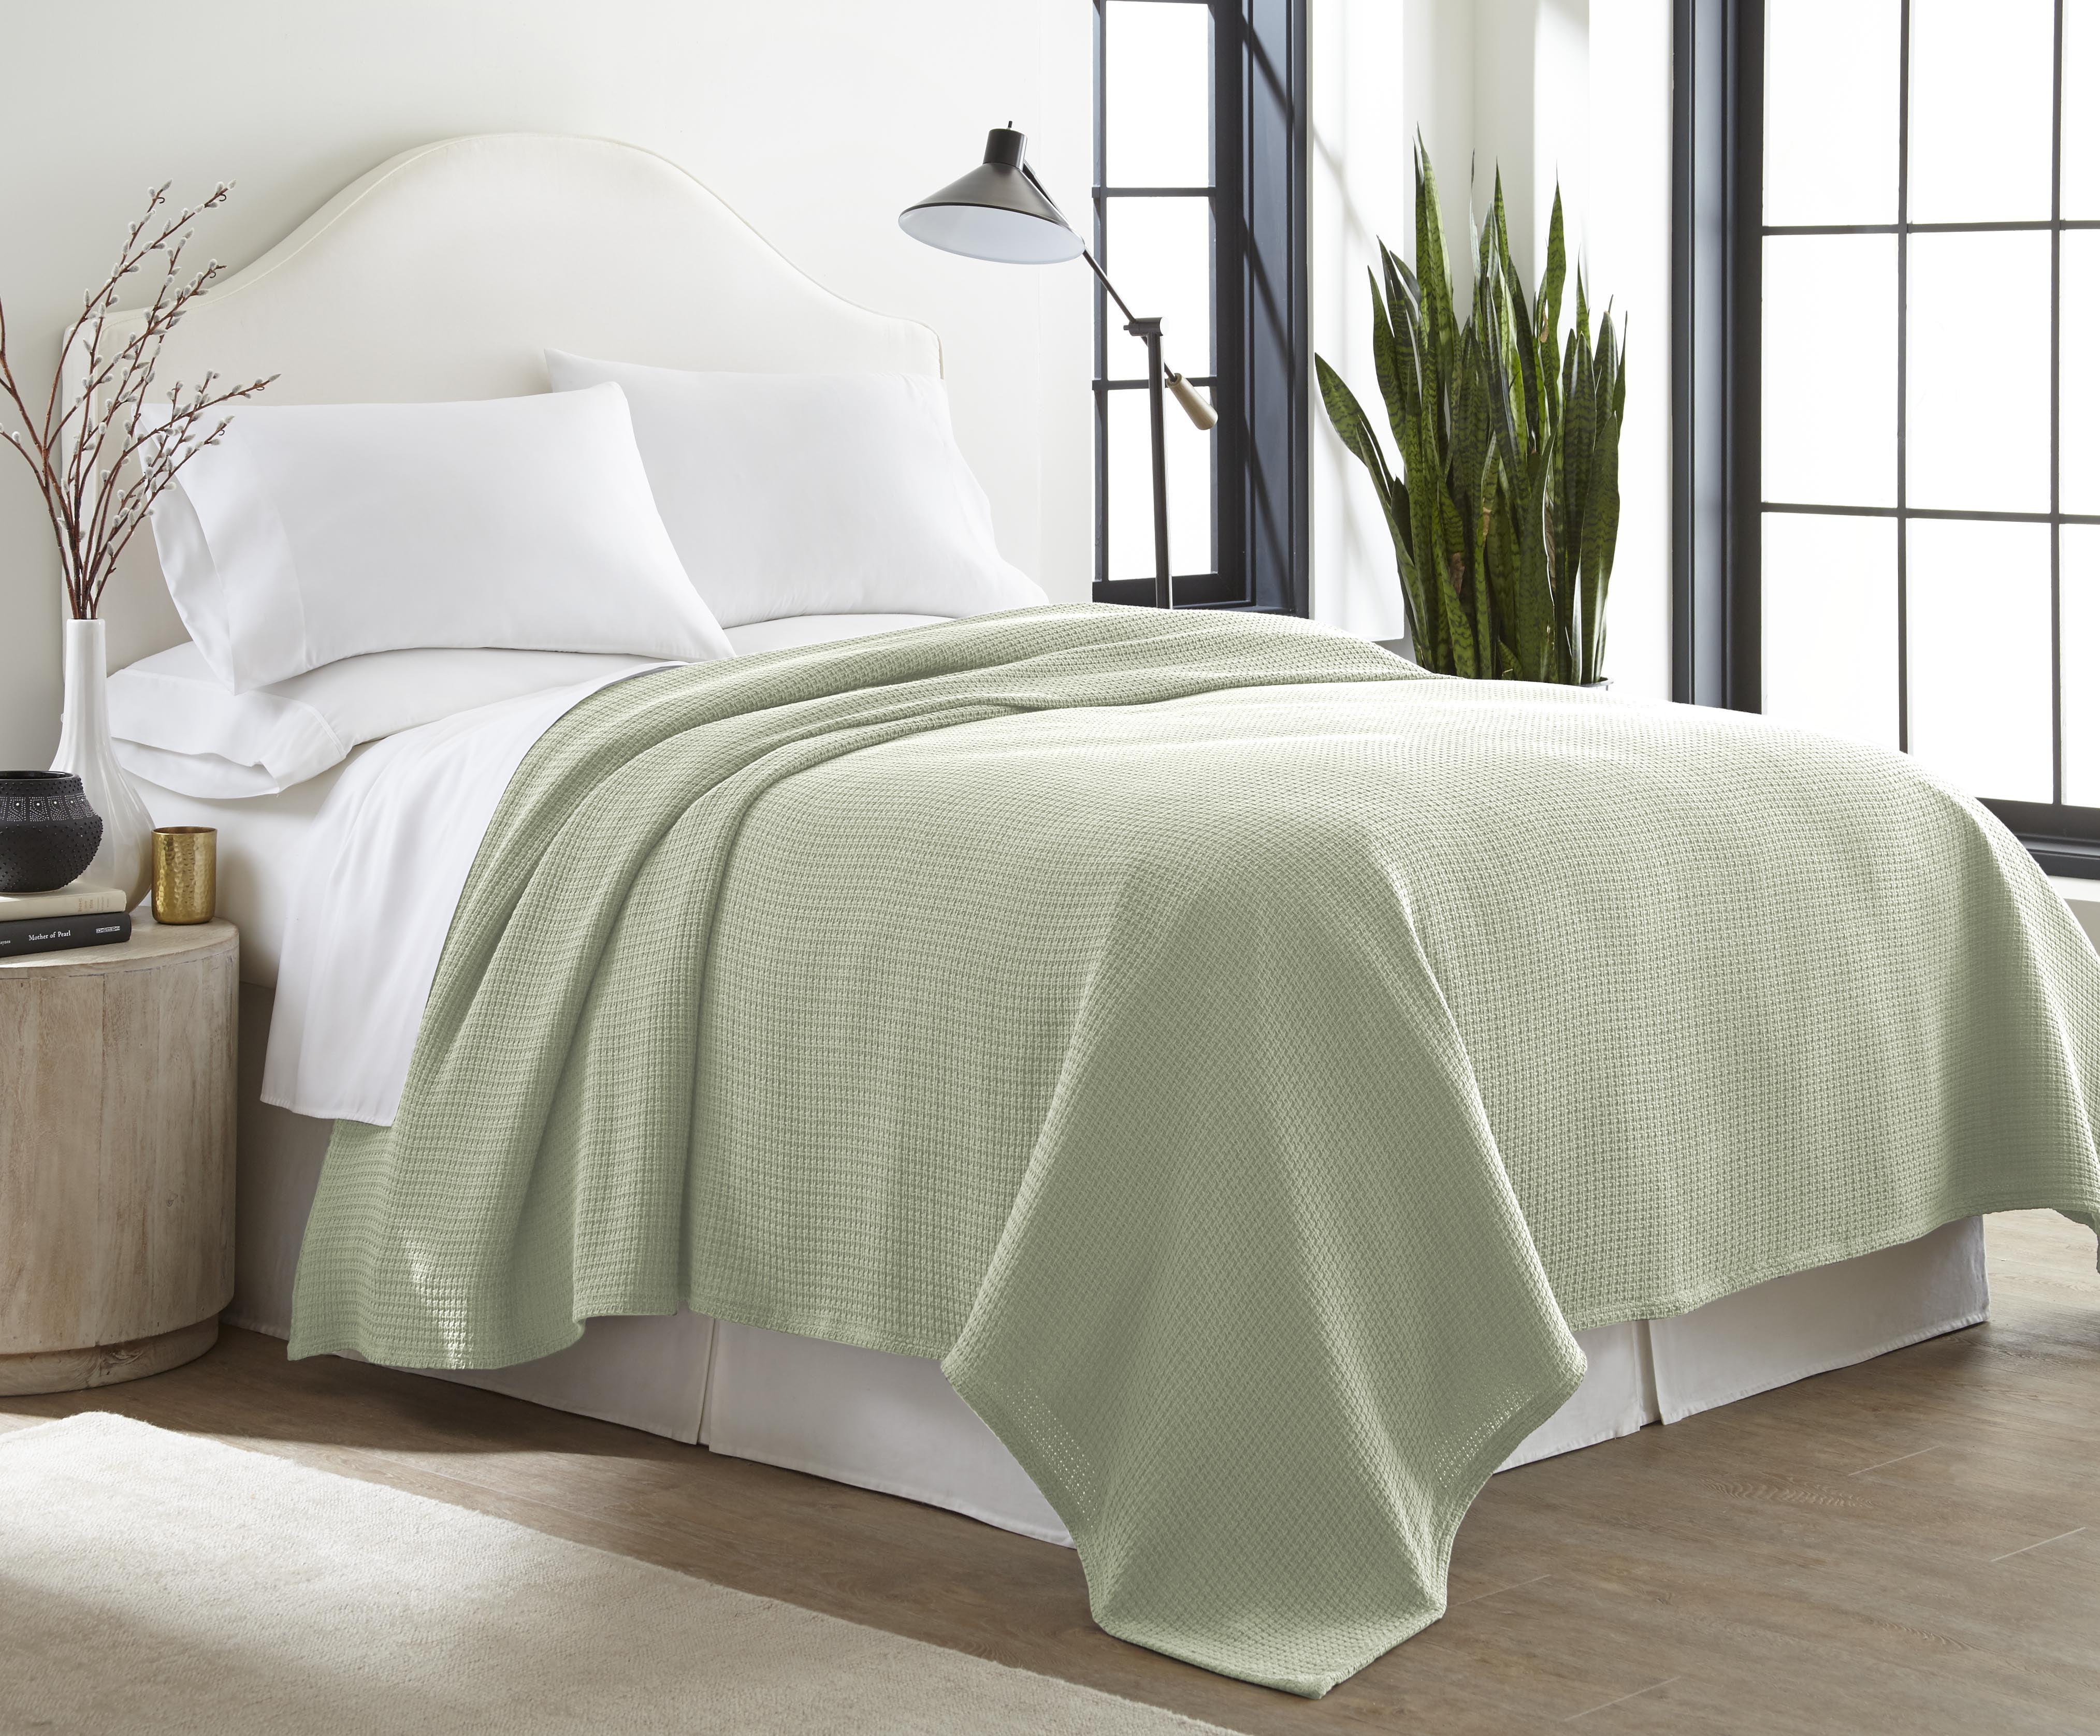 Sun Yin All-Season 100% Cotton Woven Blanket Collection by Sun Yin Usa Inc.